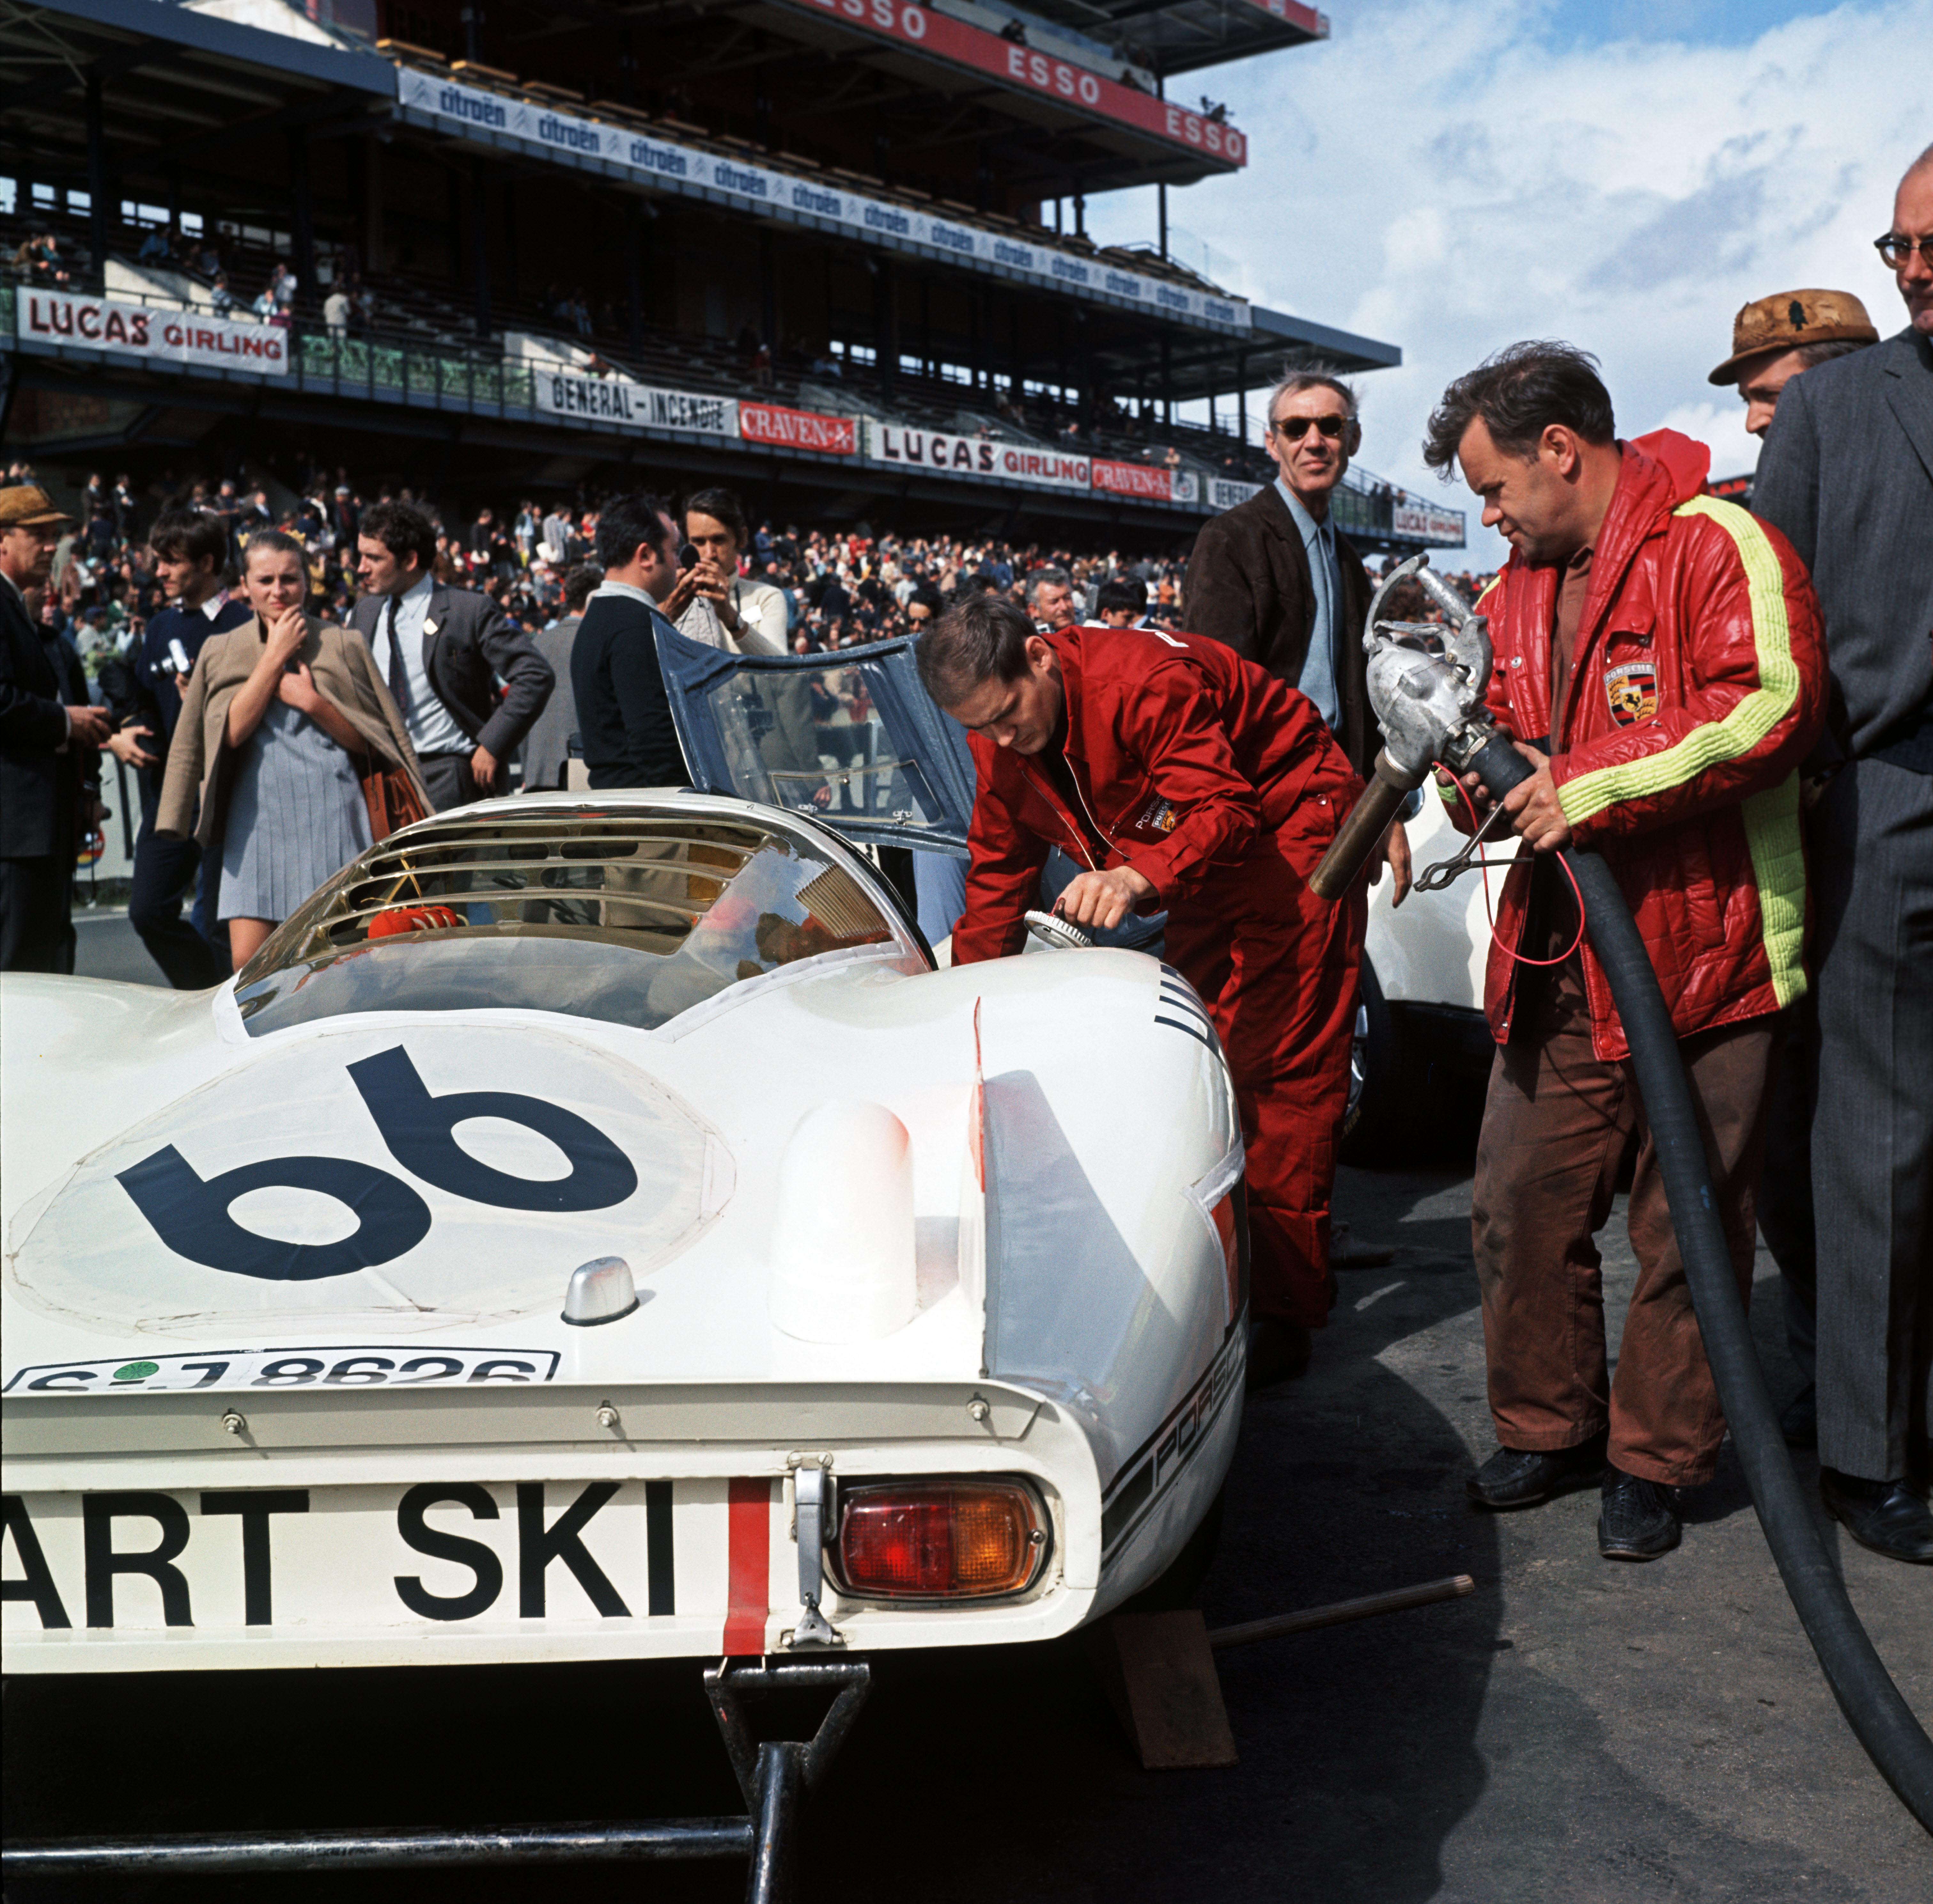 29.09.1968 24h Le Mans; Nr. 66: Rico Steinemann und Dieter Spoerry auf einem 907 LH Coupé; 2. Pl. Ges.Kl. (1. Pl. P 3.0-Klasse); auf der rechten Seite steht Valentin Schäffer